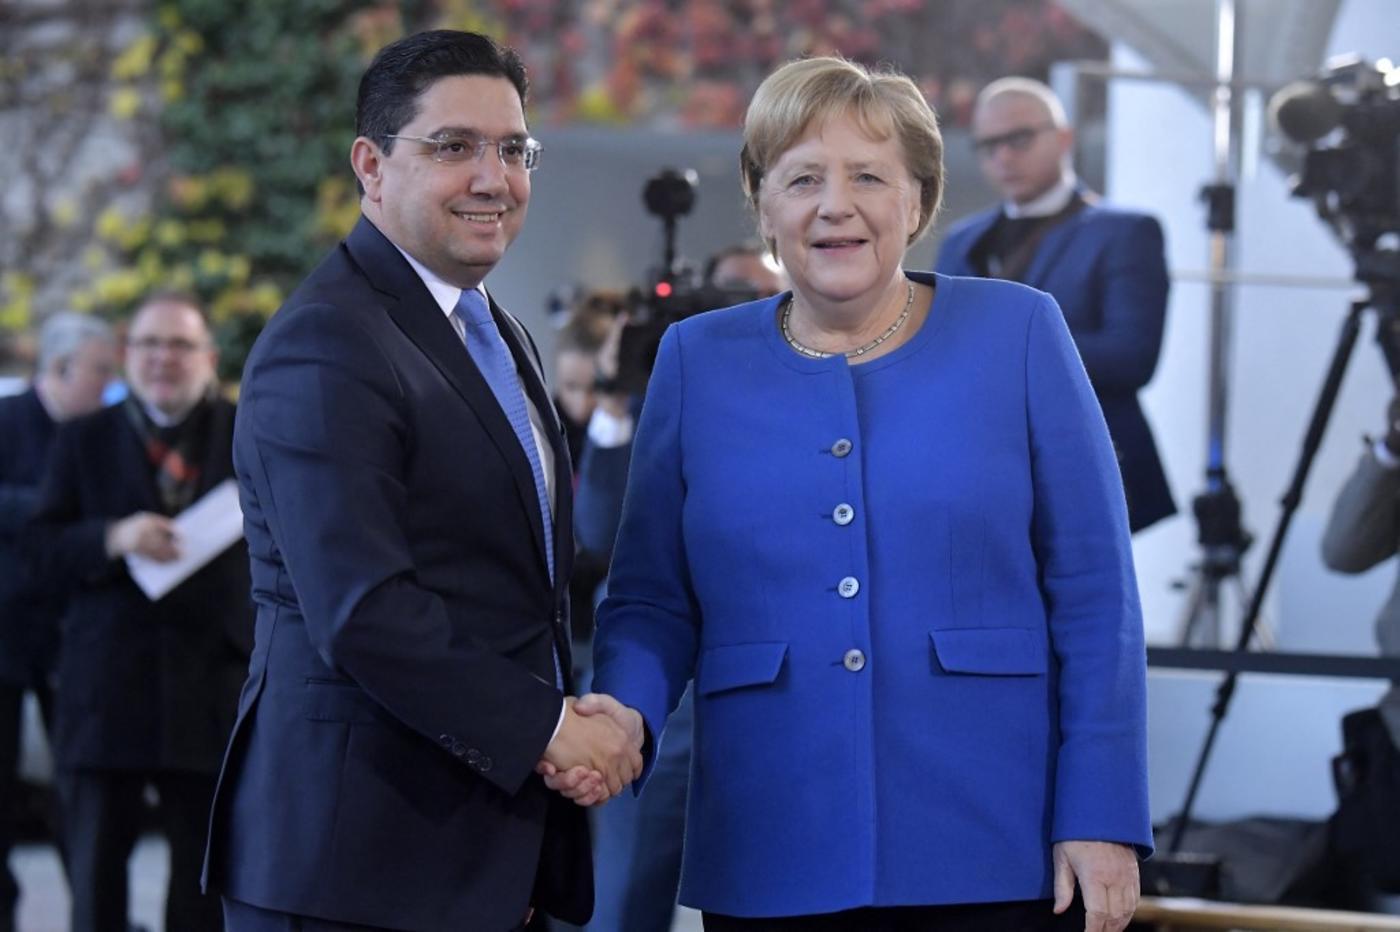 La chancelière allemande Angela Merkel accueille le chef de la diplomatie marocaine Nasser Bourita à Berlin en novembre 2019 (AFP)